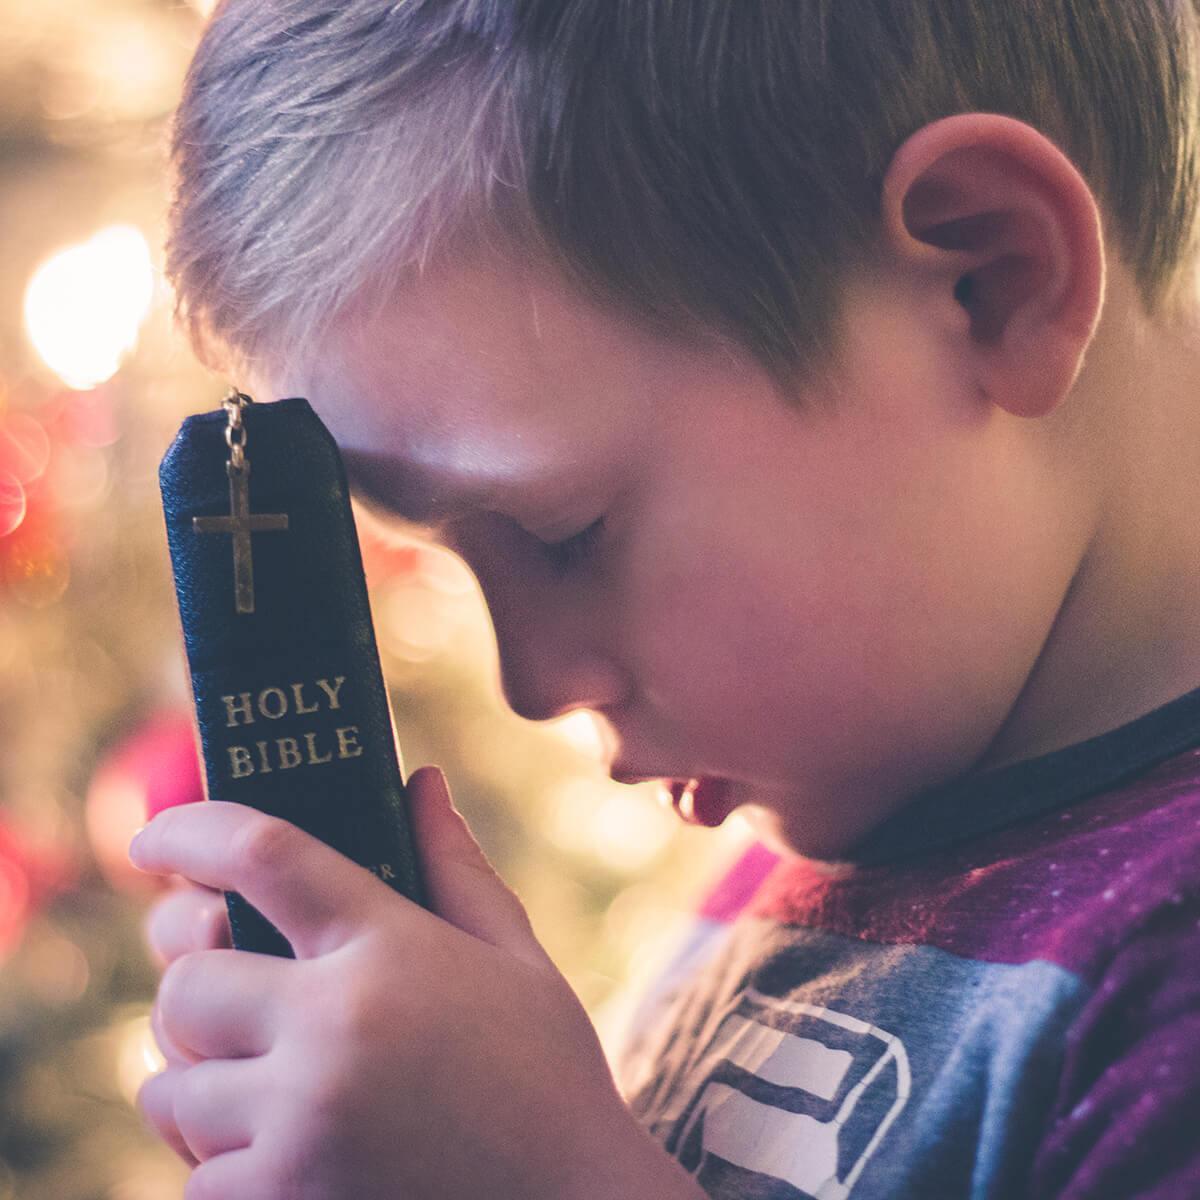 Kinder können sehr ernsthaft beten (c) CC0 1.0 - Public Domain (von unsplash.com)